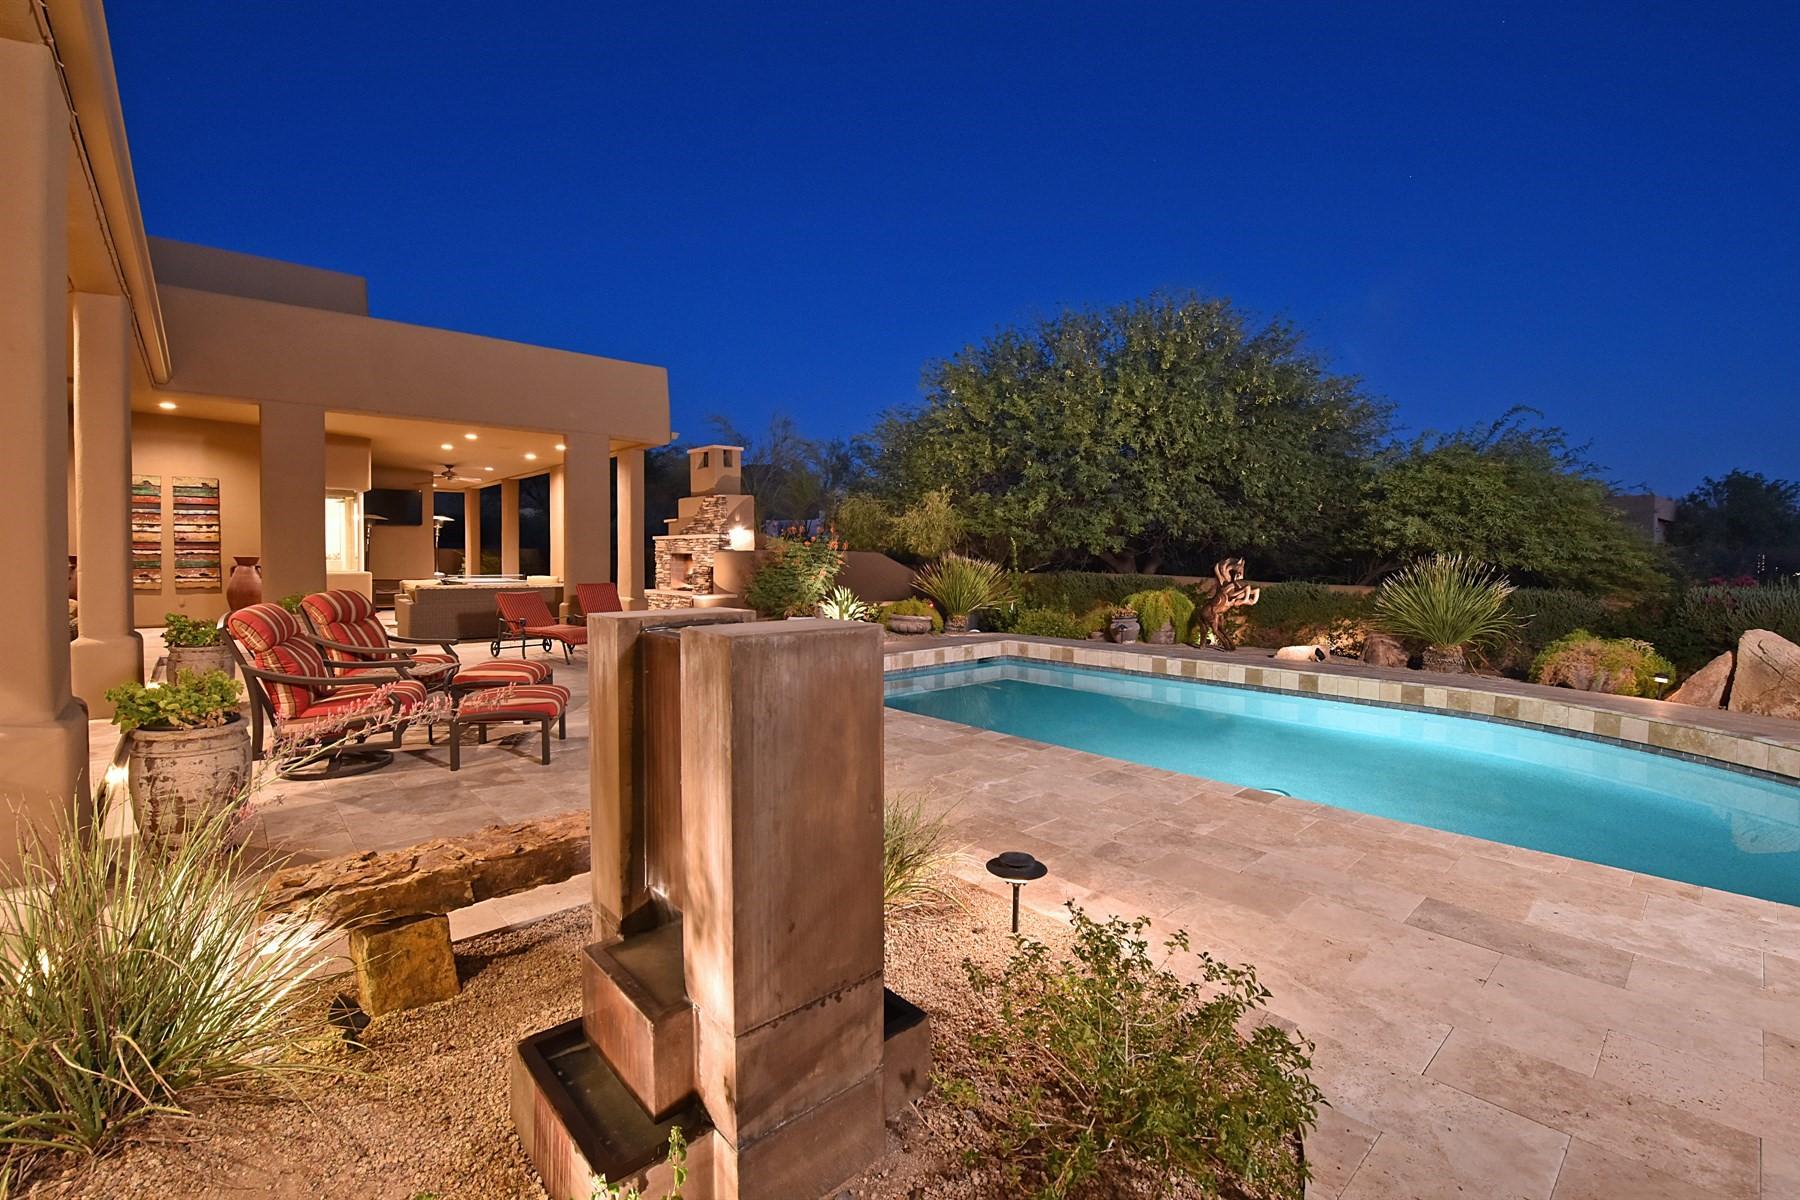 Maison unifamiliale pour l Vente à Custom remodeled home in the heart of Pinnacle Peak Vistas 9319 E Sands Dr Scottsdale, Arizona, 85255 États-Unis